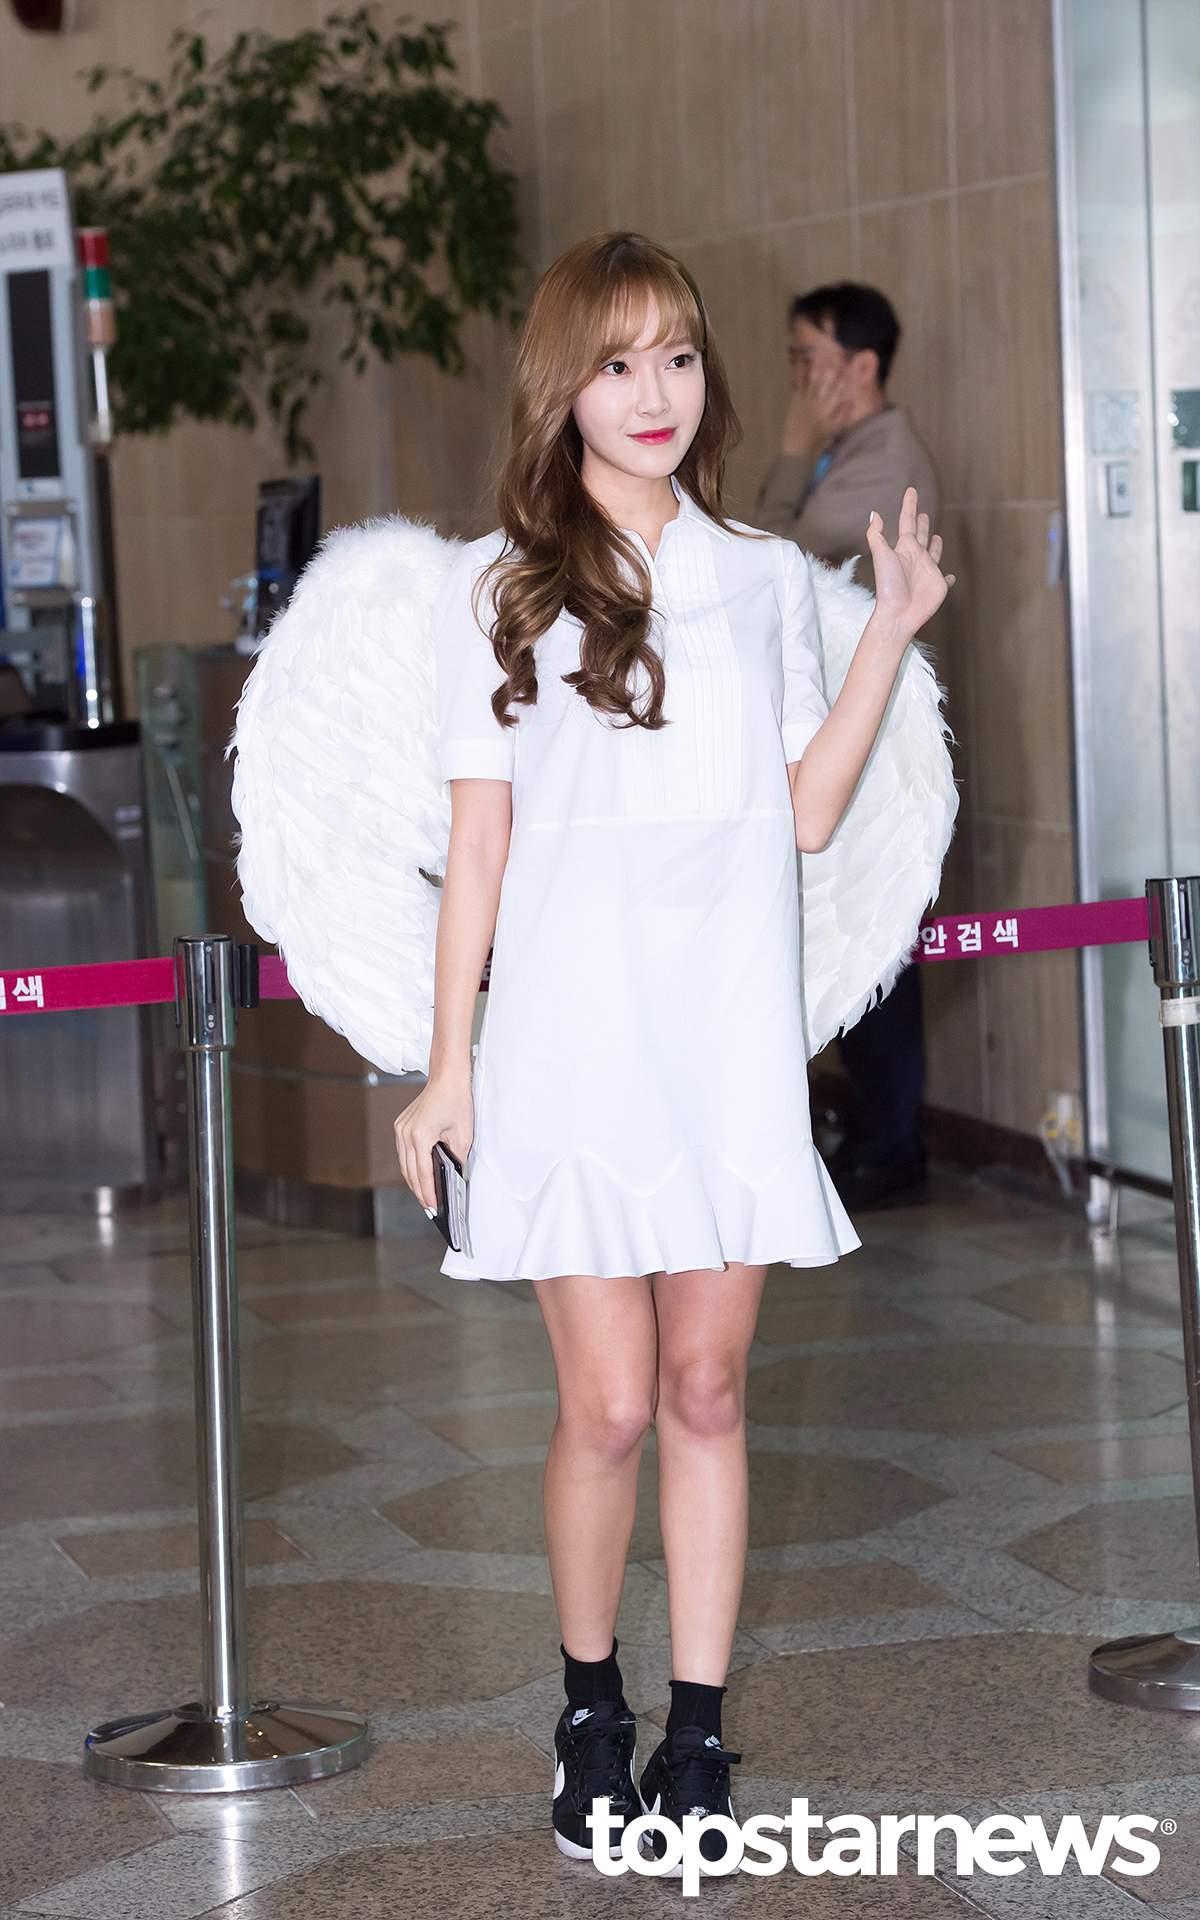 對啦~~就是這件翅膀裝!吸引了大批粉絲及記者的圍堵拍照。